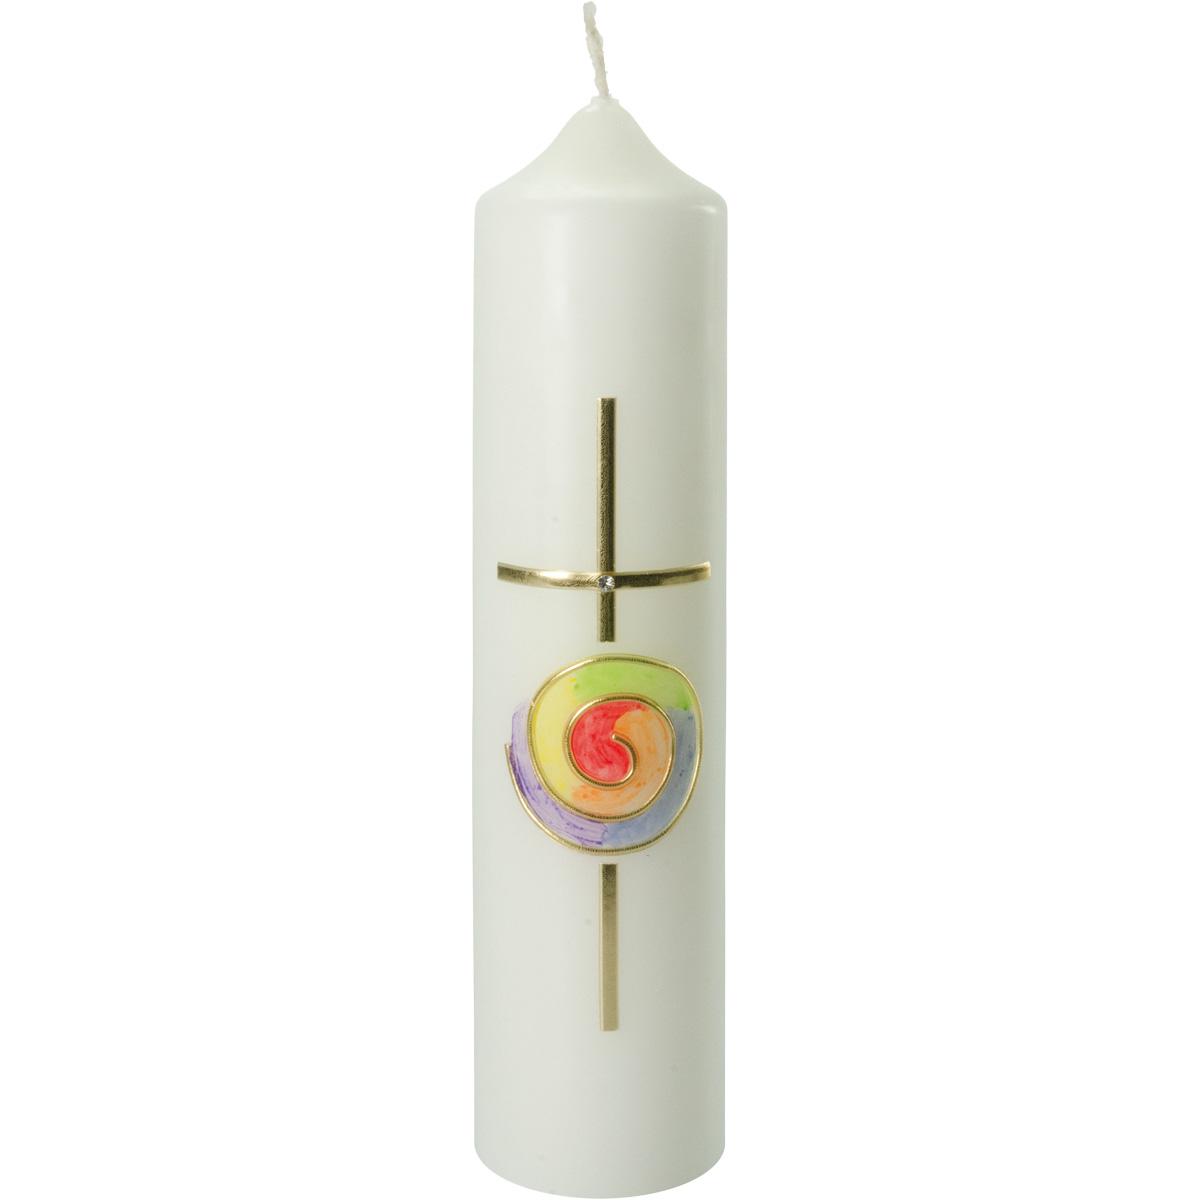 Liturgische Kerze, #2616, 265x60, Wachskreuz, gold, Regenbogen